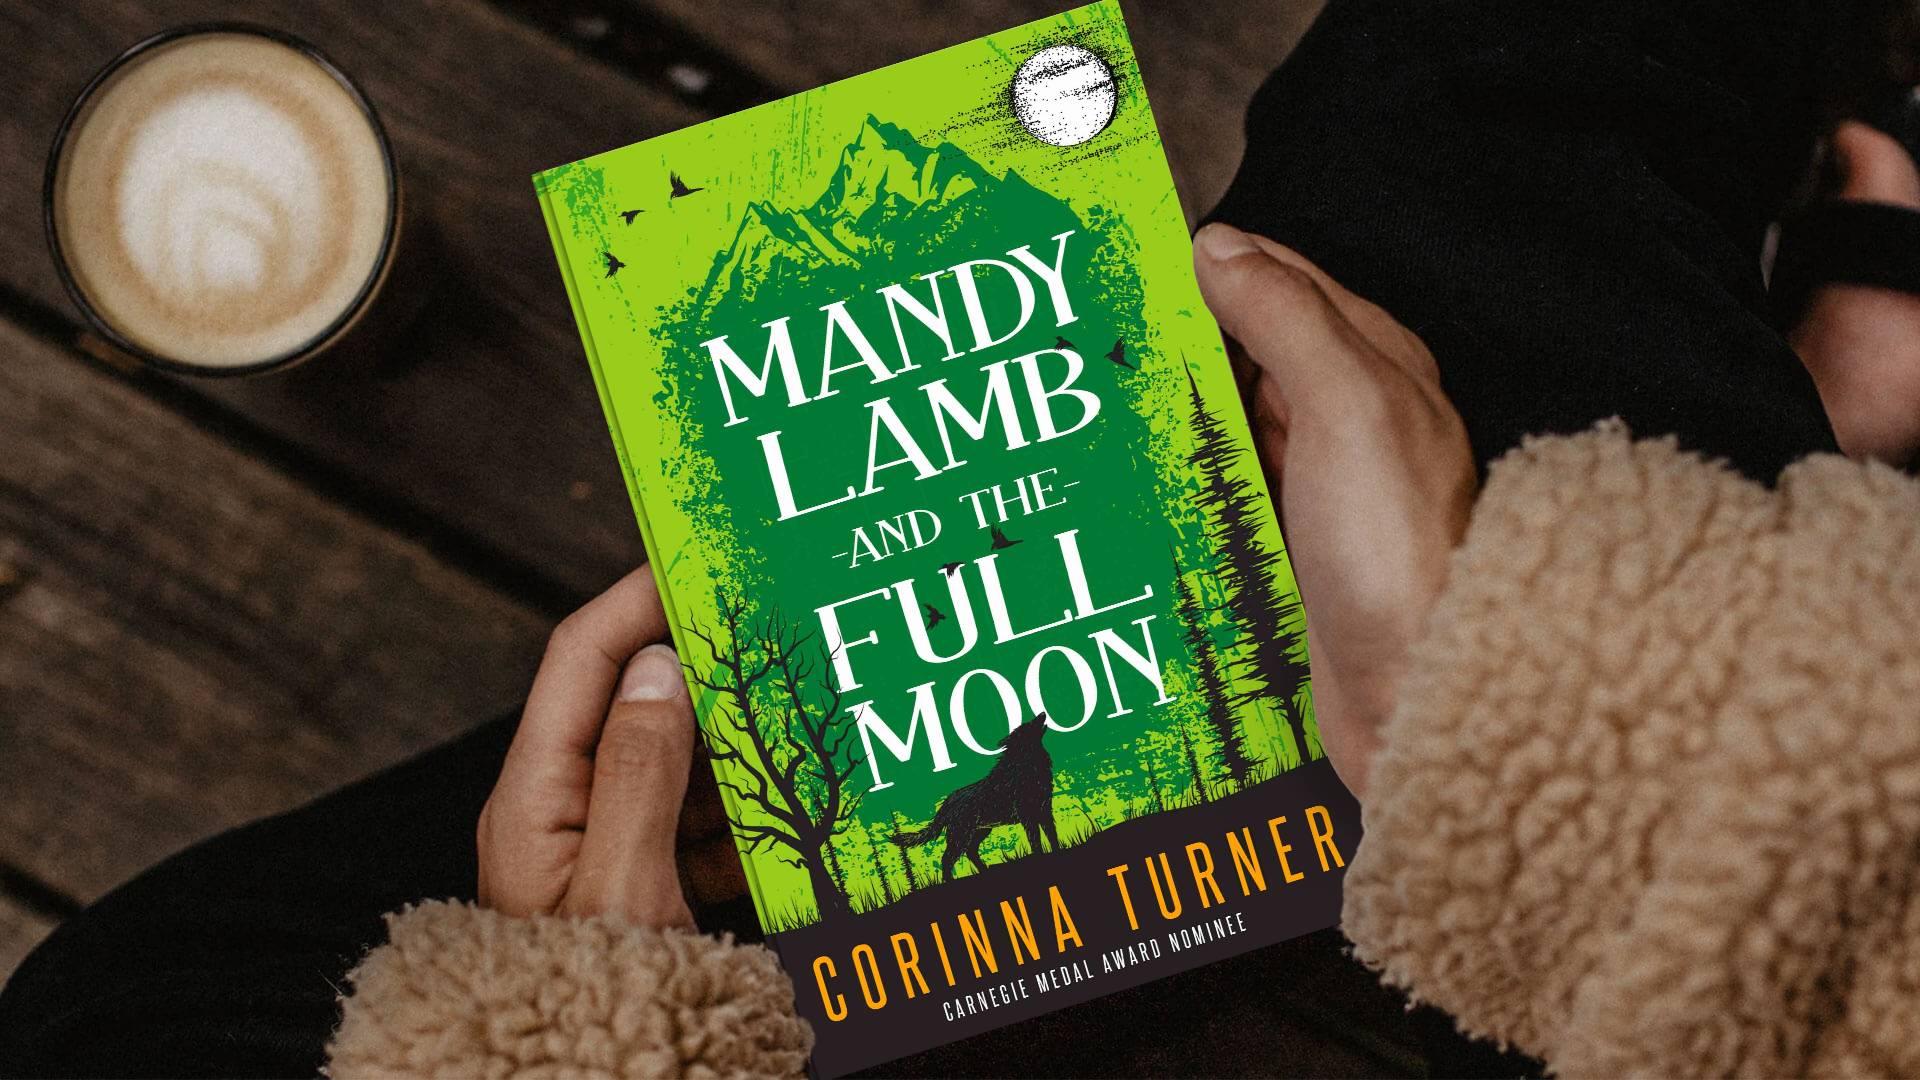 Mandy Lamb New Cover Meme